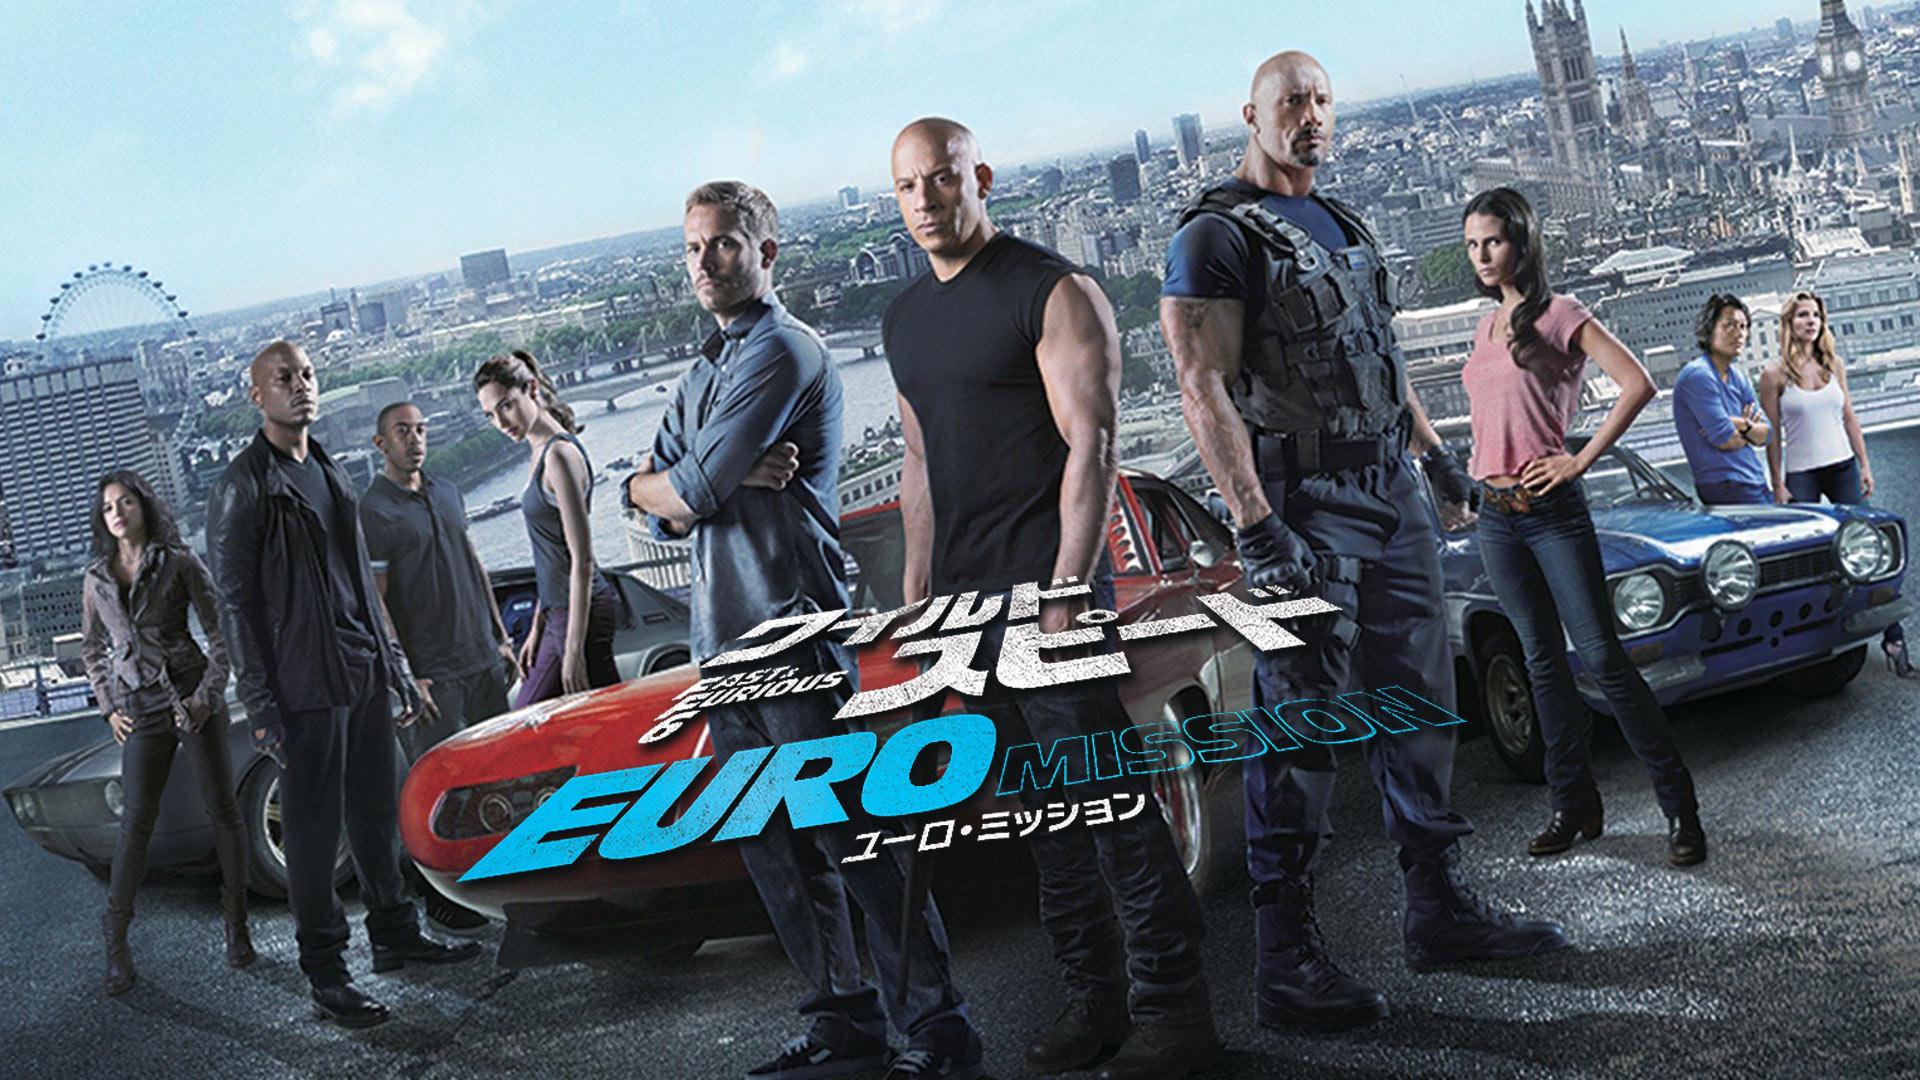 ワイルド・スピード EURO MISSION  (字幕版)